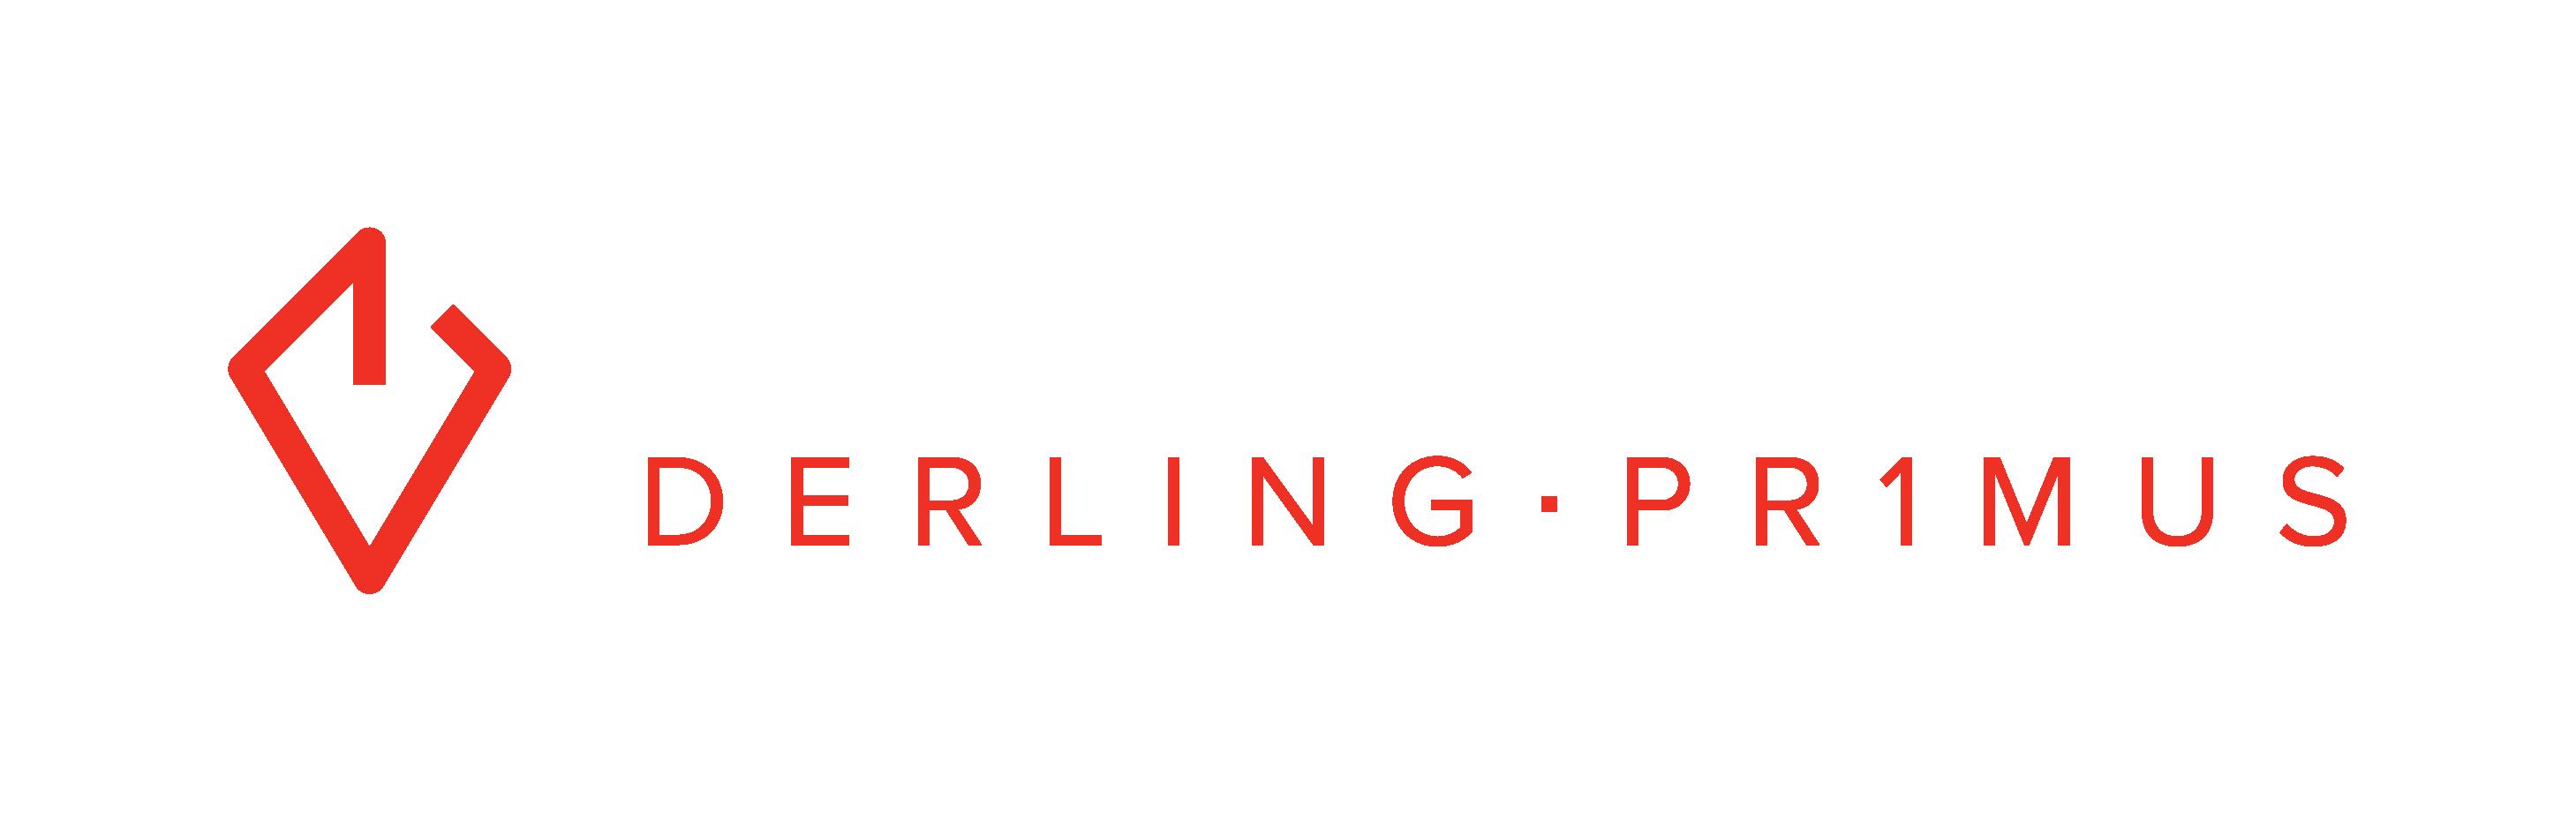 Derling